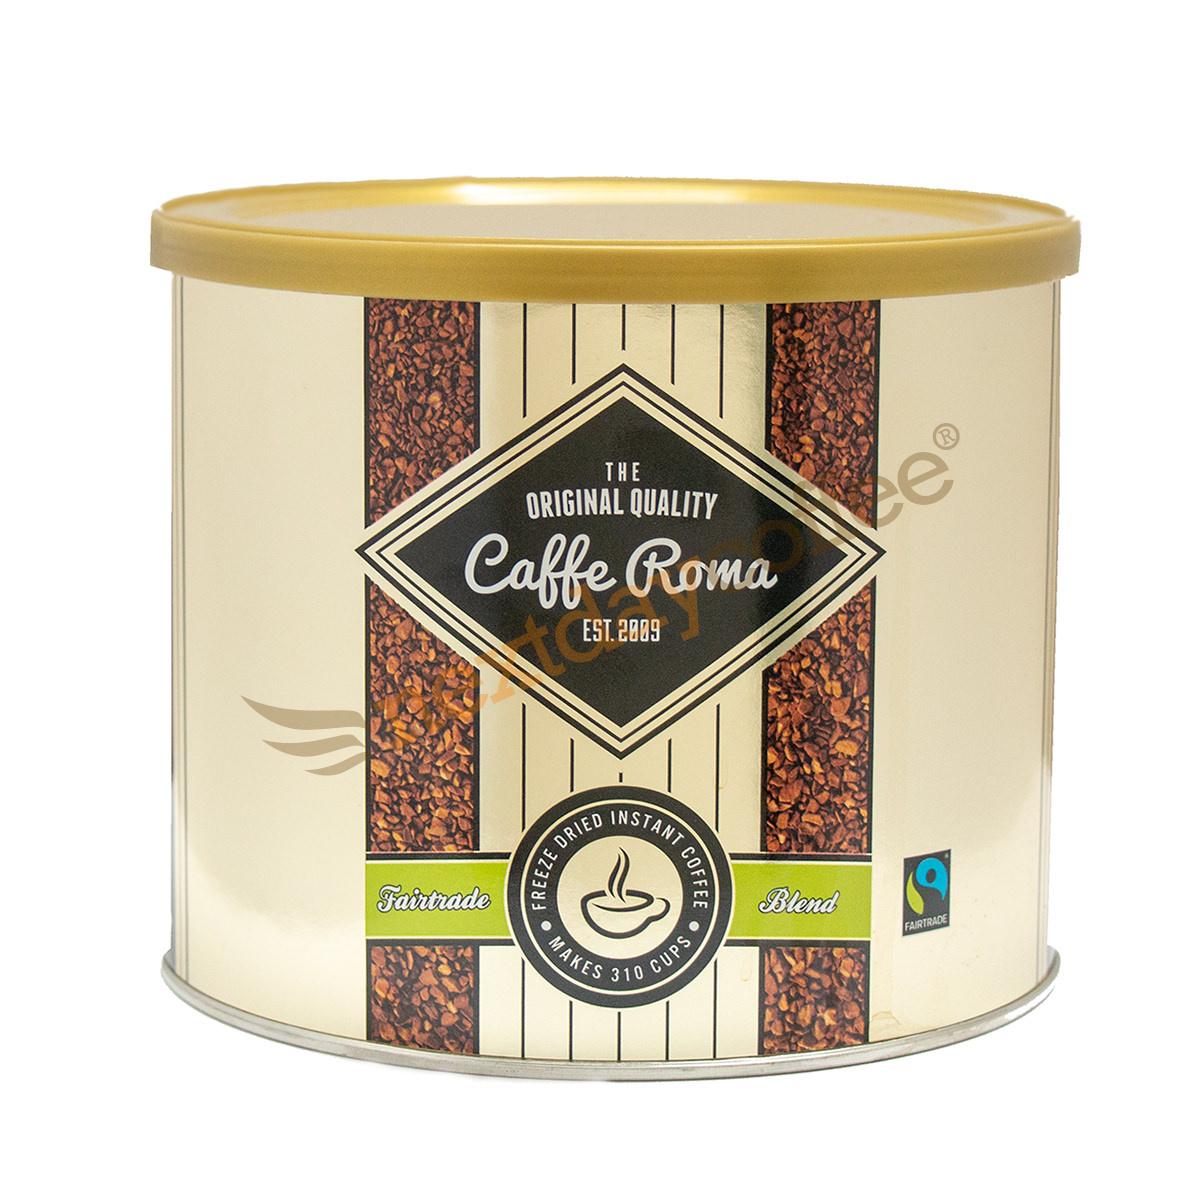 Caffe Roma Fairtrade Instant